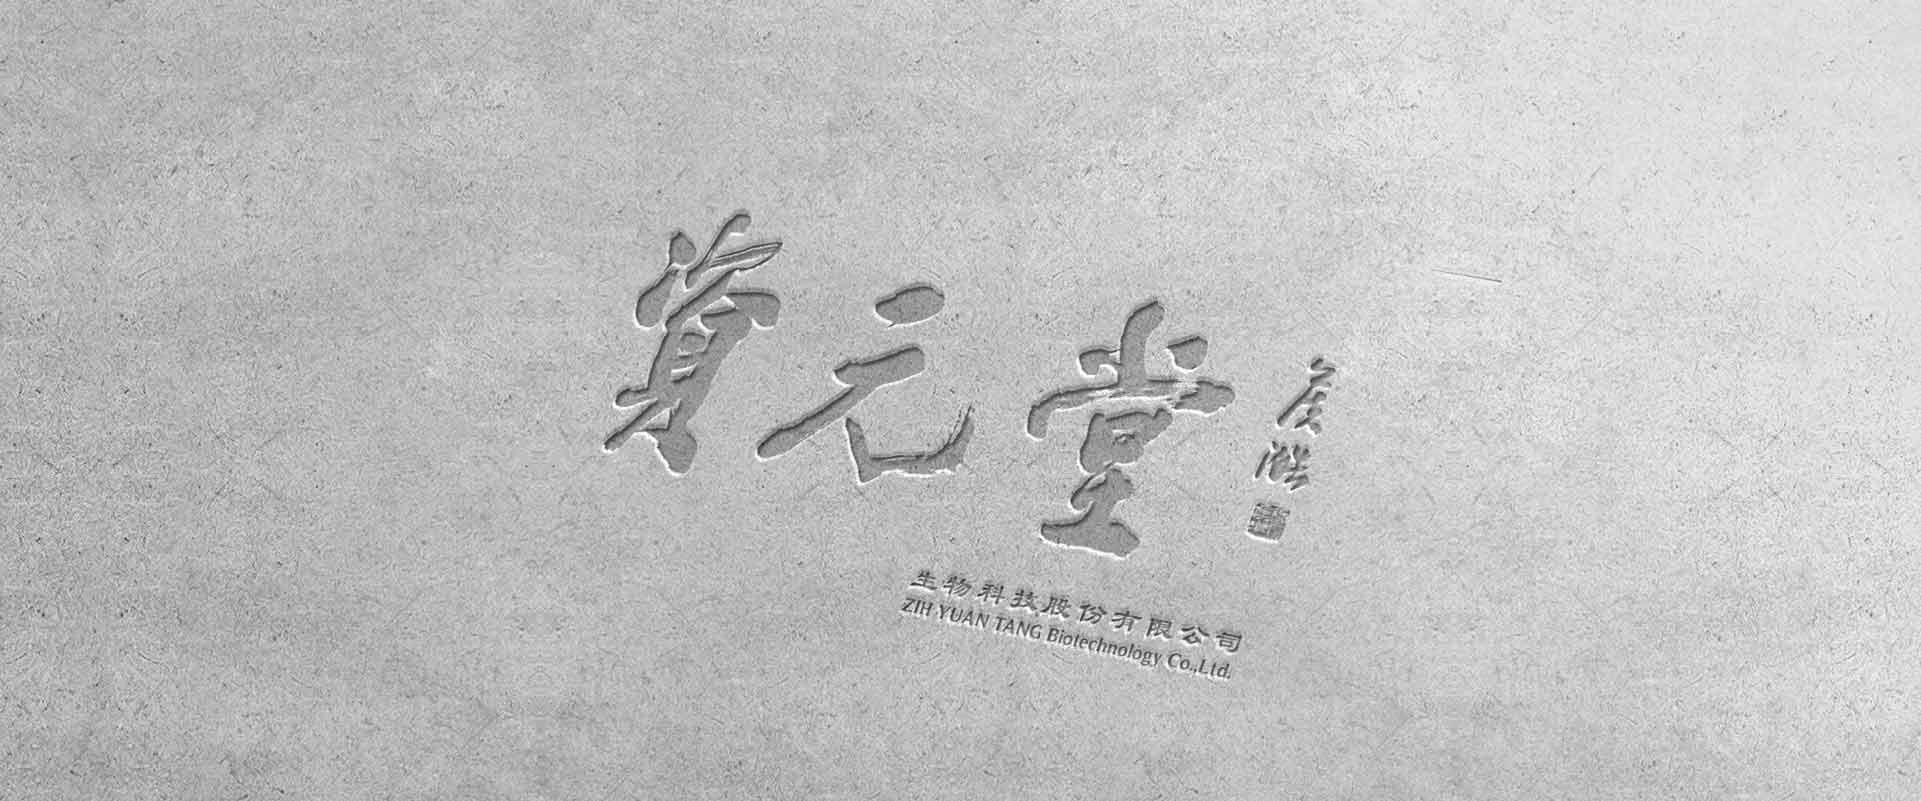 Zih Yuan Tang Biotechnology | 資元堂生物股份有限公司